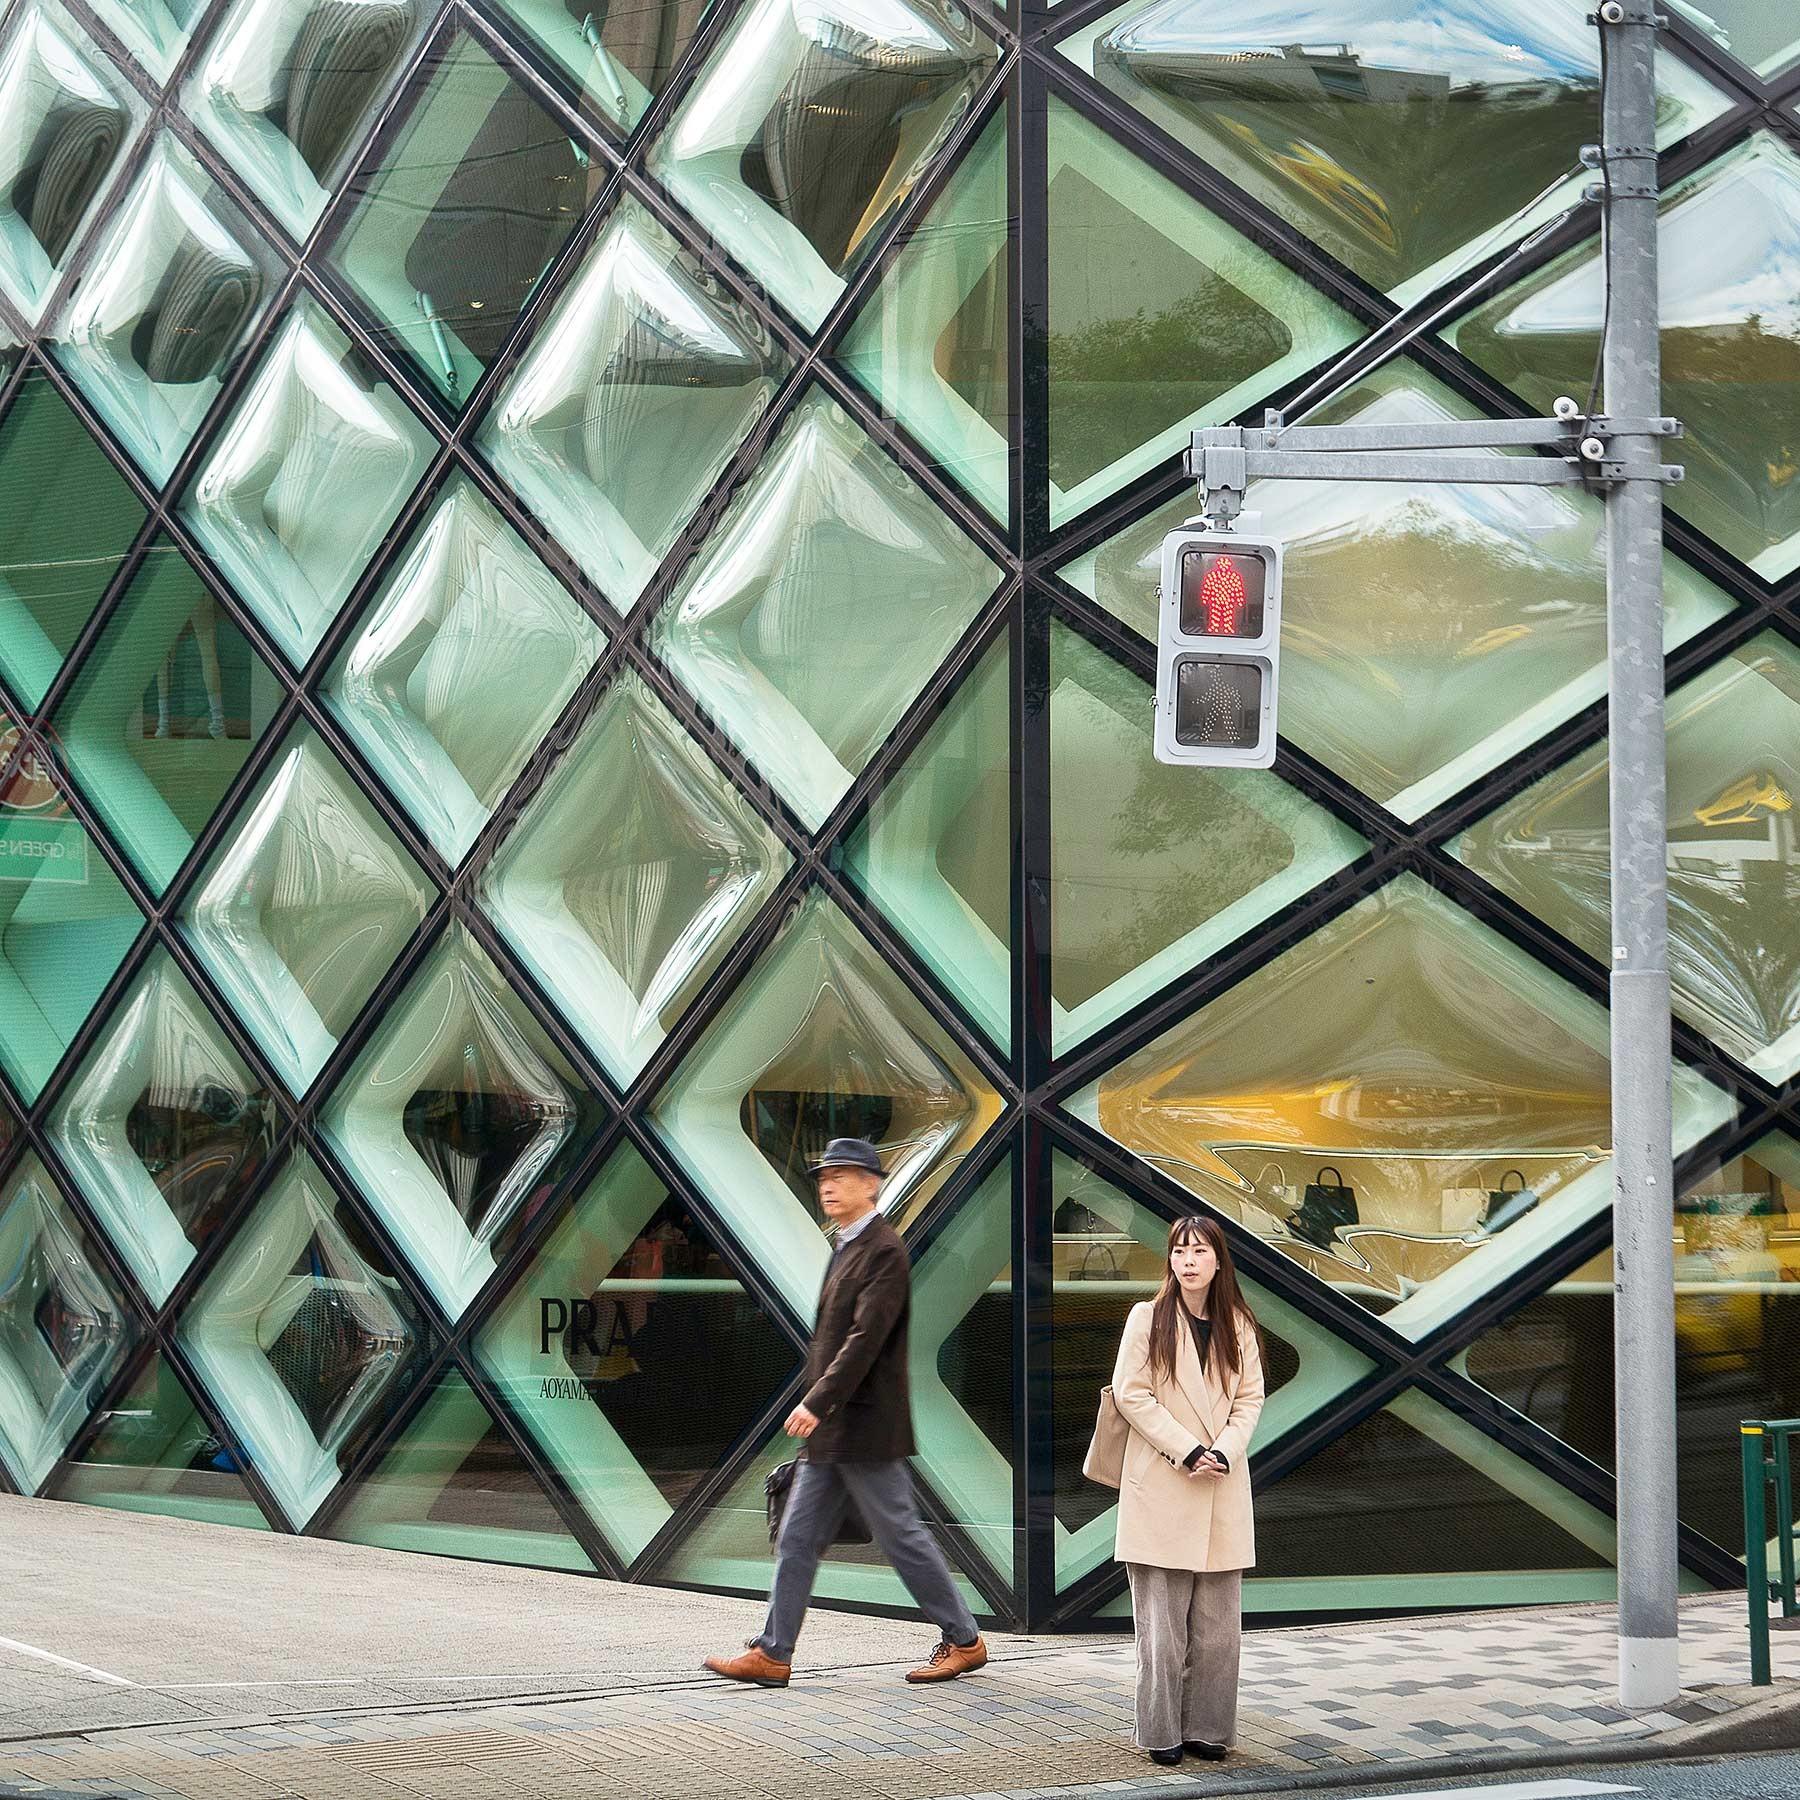 日本 Arch. J.Herzog and P.de Meuron, Prada Store Omotesando, Tokyo